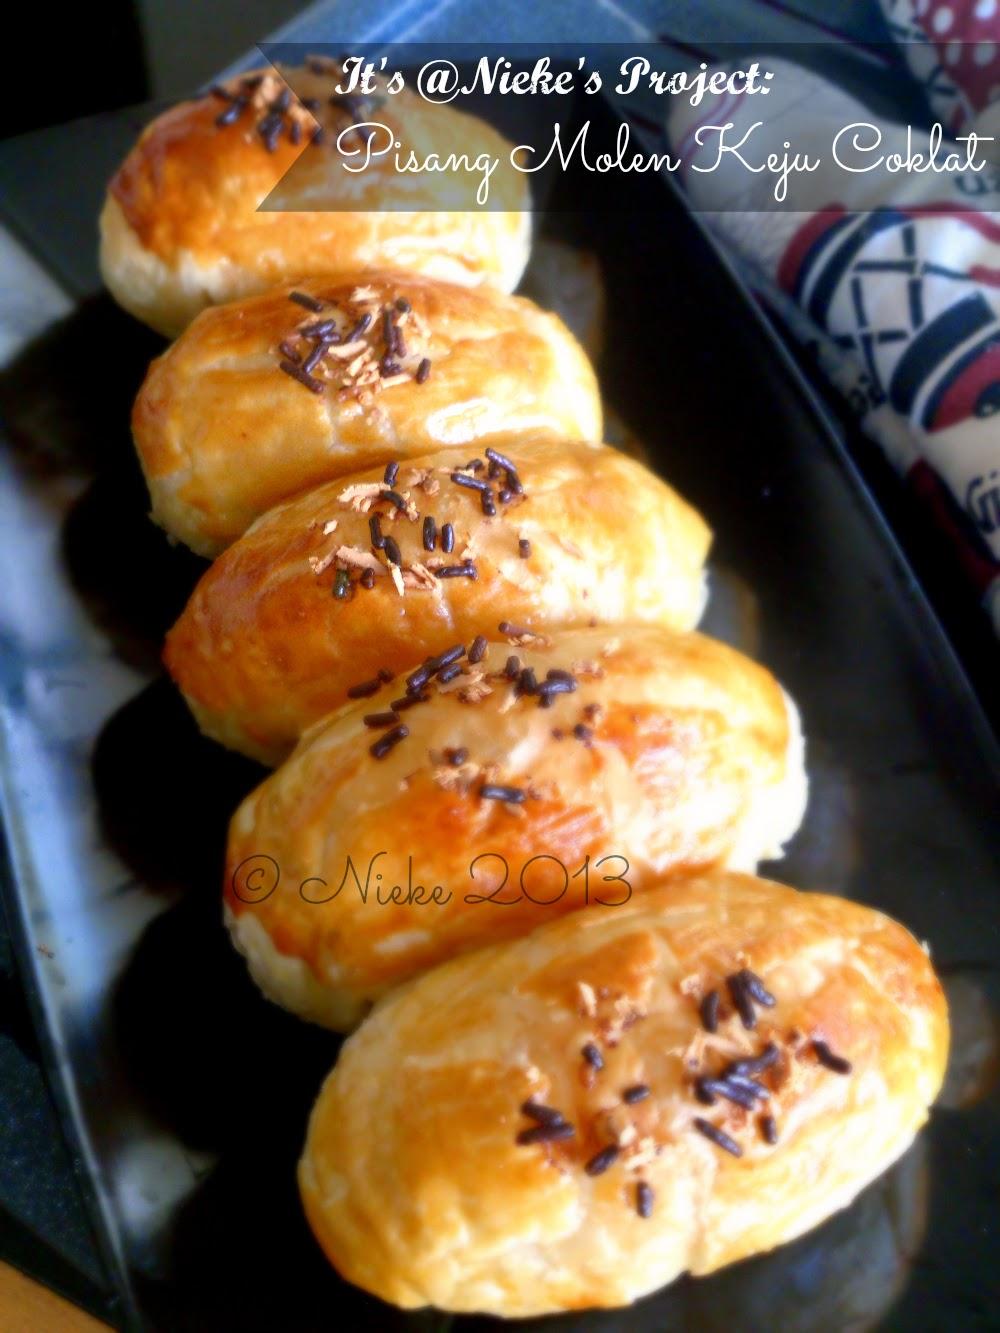 Resep Membuat Molen : resep, membuat, molen, Recipe:, Pisang, Molen, Coklat, Nieke